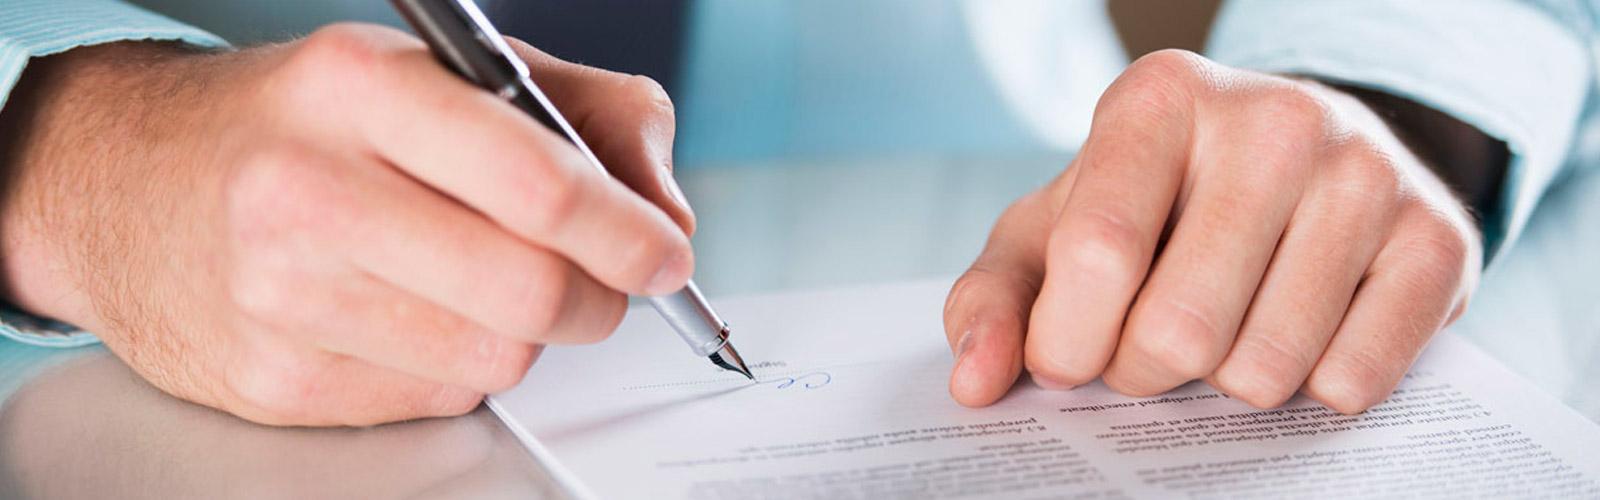 Asesoría legal en Contratos inmobiliarios - DerechoInmobiliario.pe